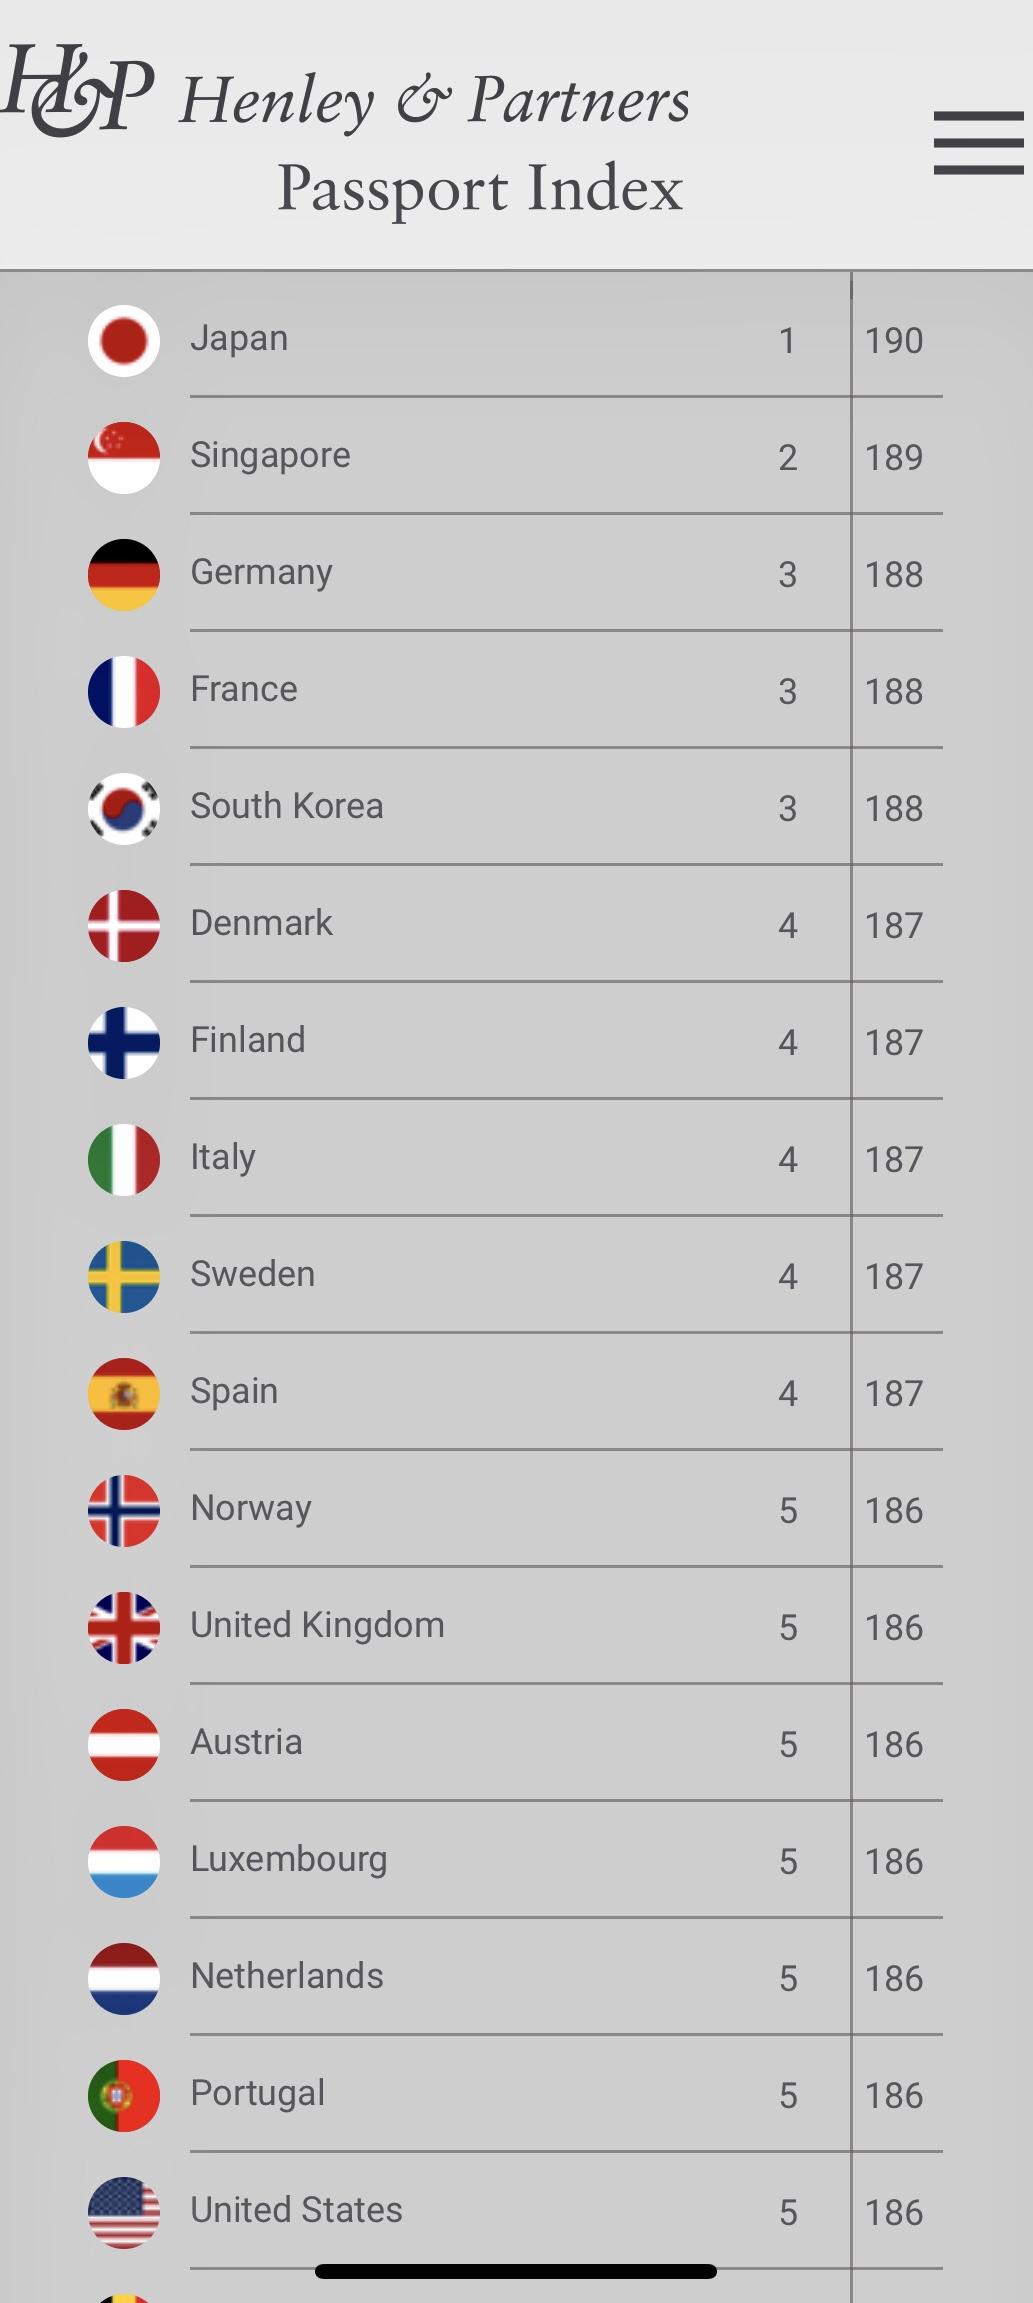 Avrupada vizesiz seyahat eden ülkeler - son dakikada nereye bırakılmalı